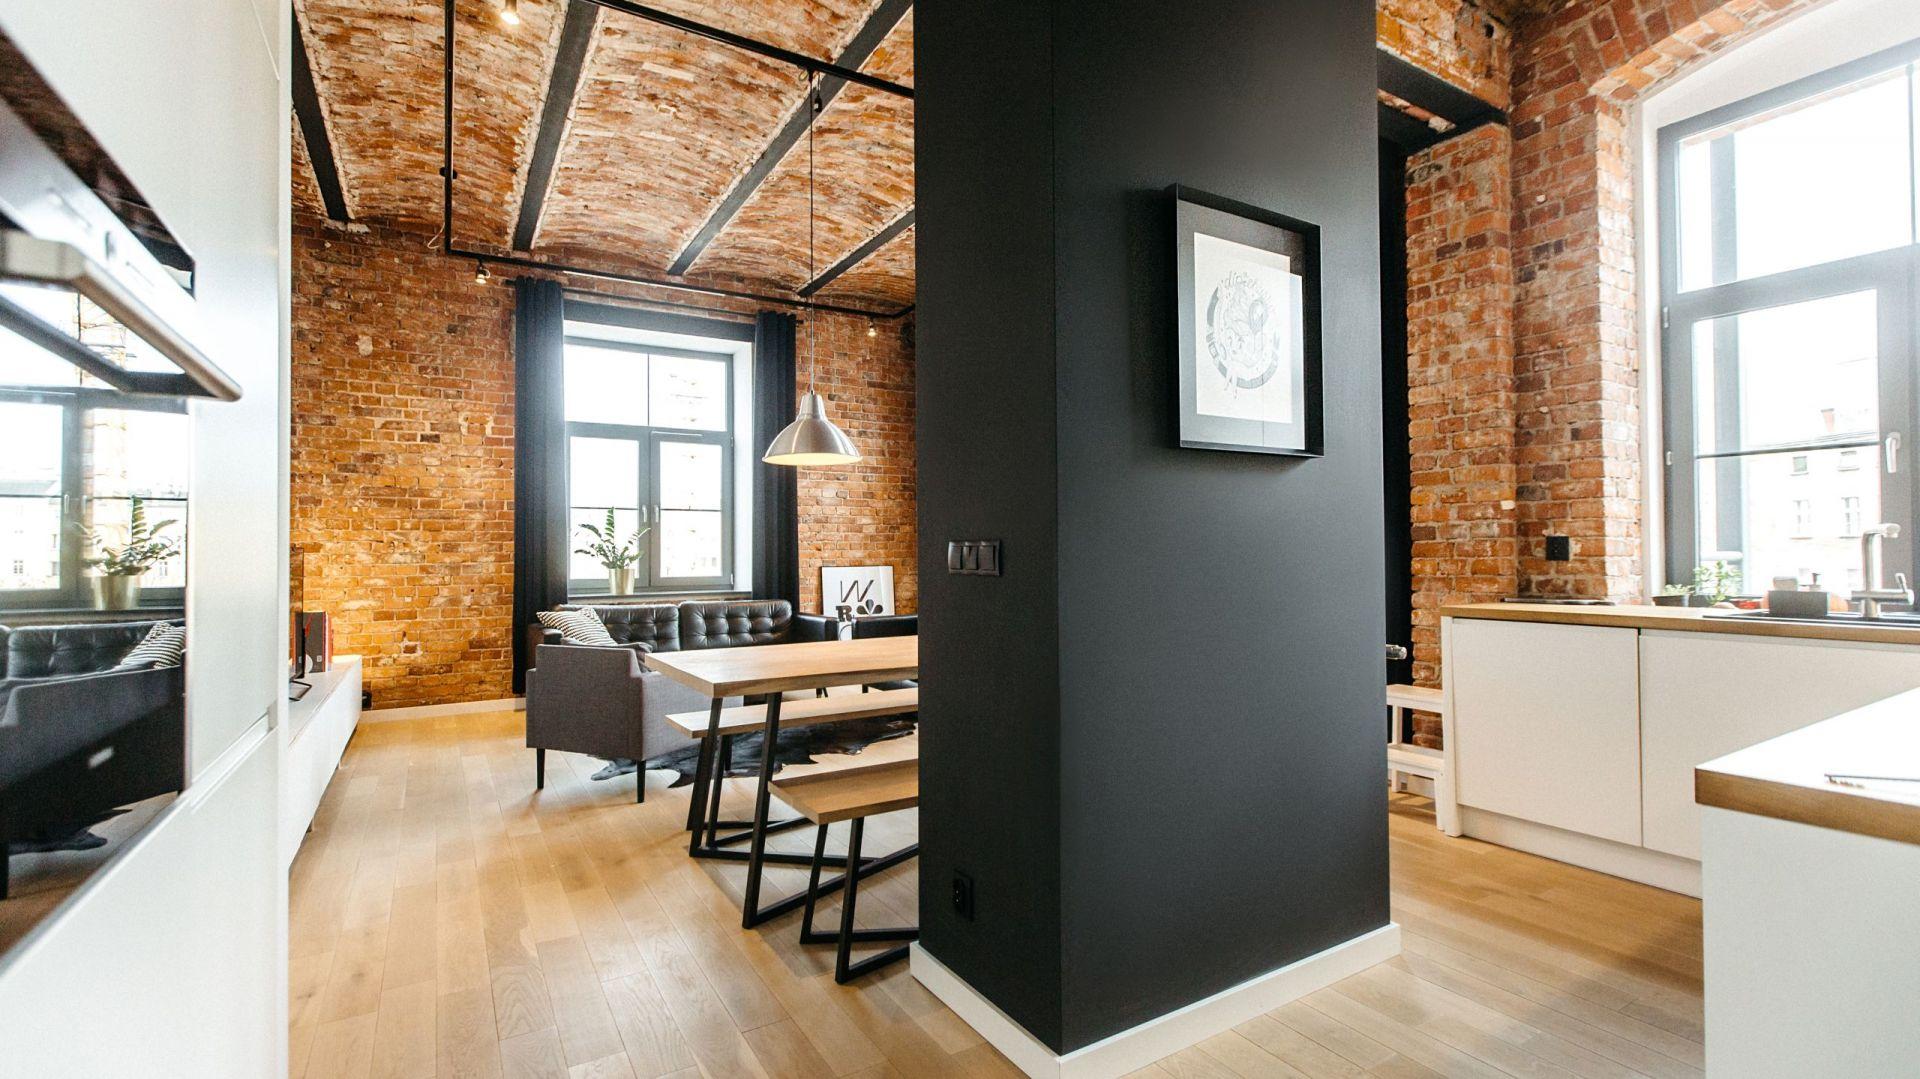 Duże mieszkanie - jak wykorzystać jego potencjał. Fot. Nowa Papiernia